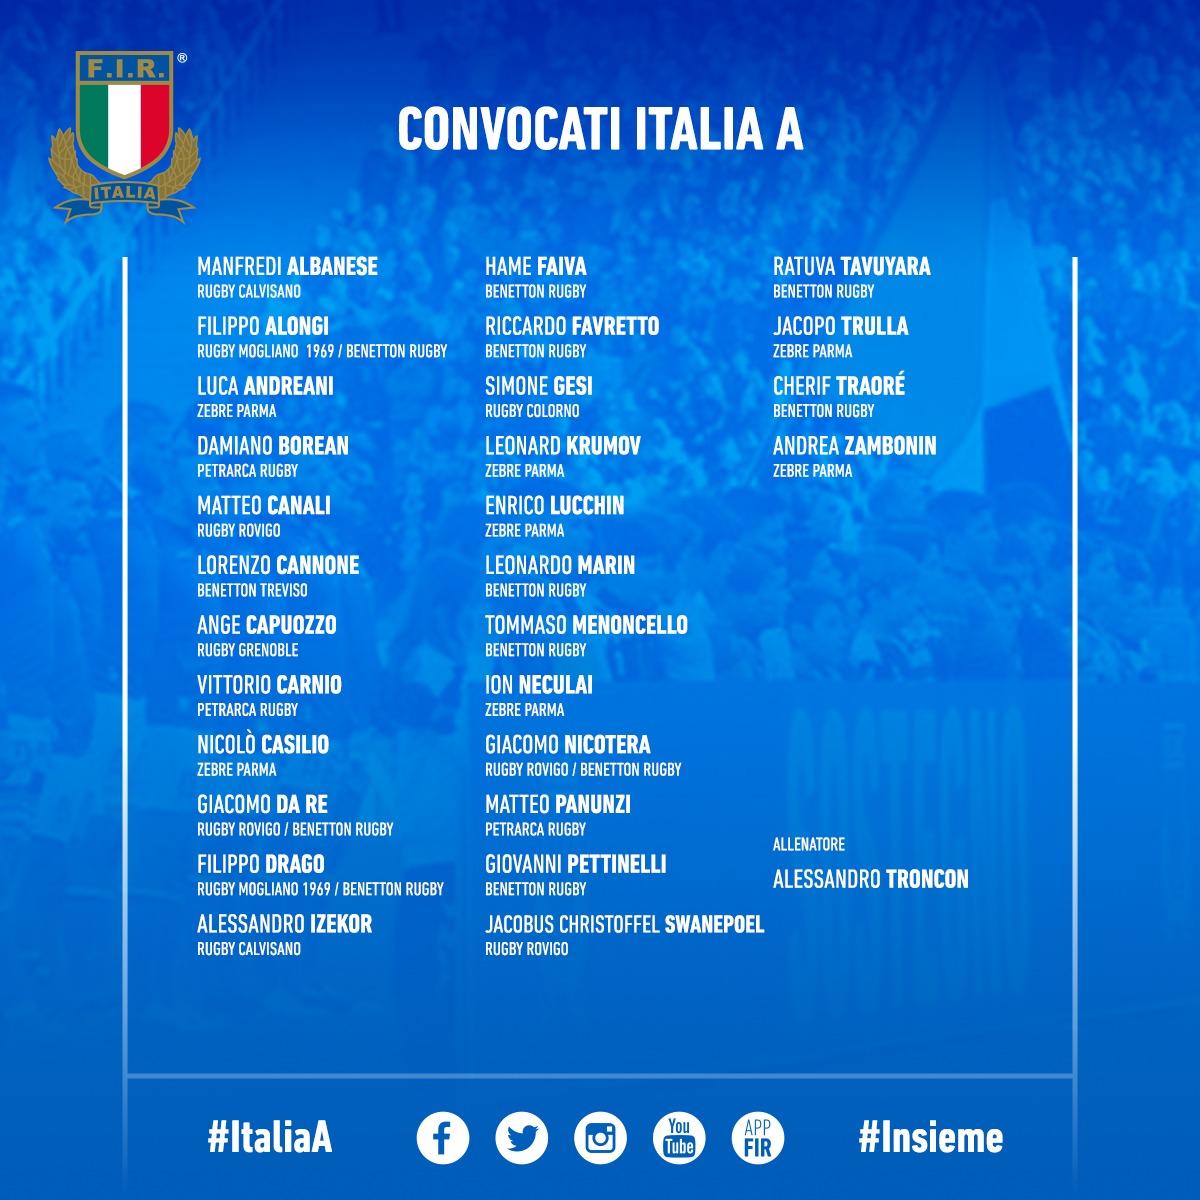 convocati italia a spagna